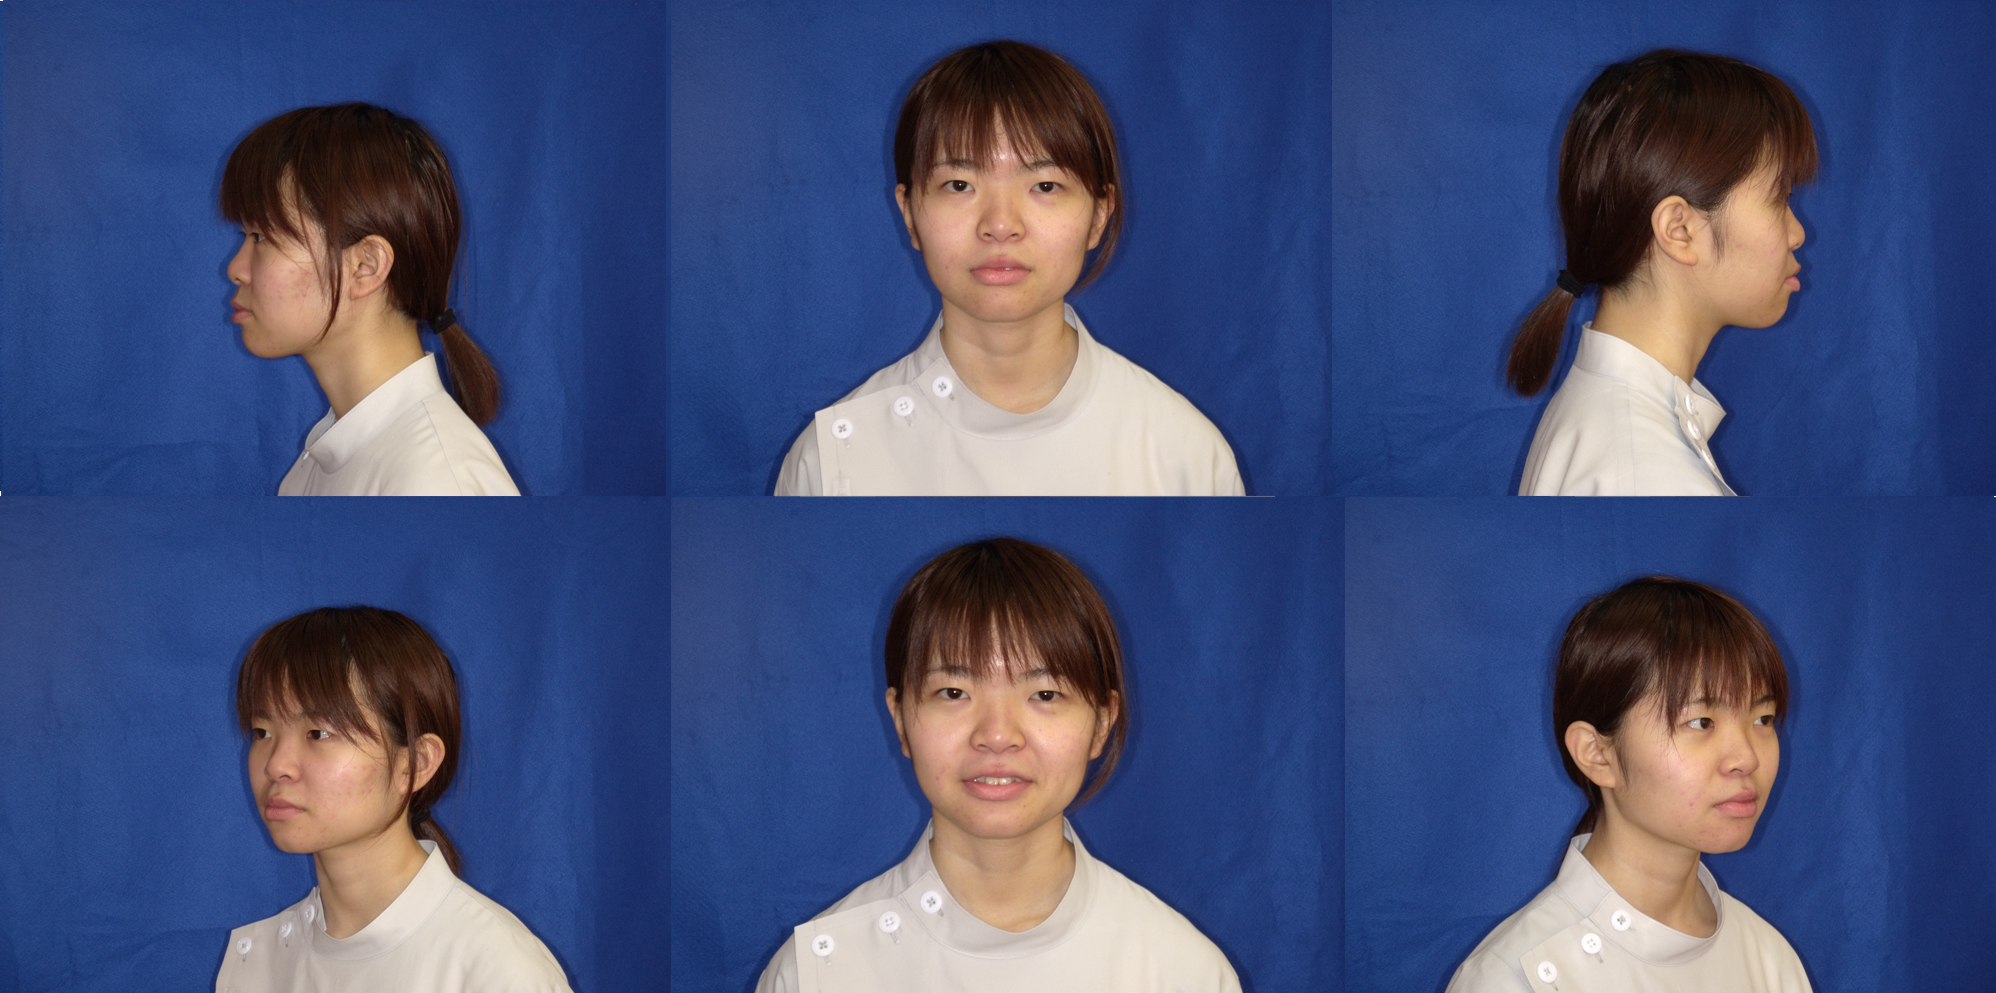 顔貌の写真